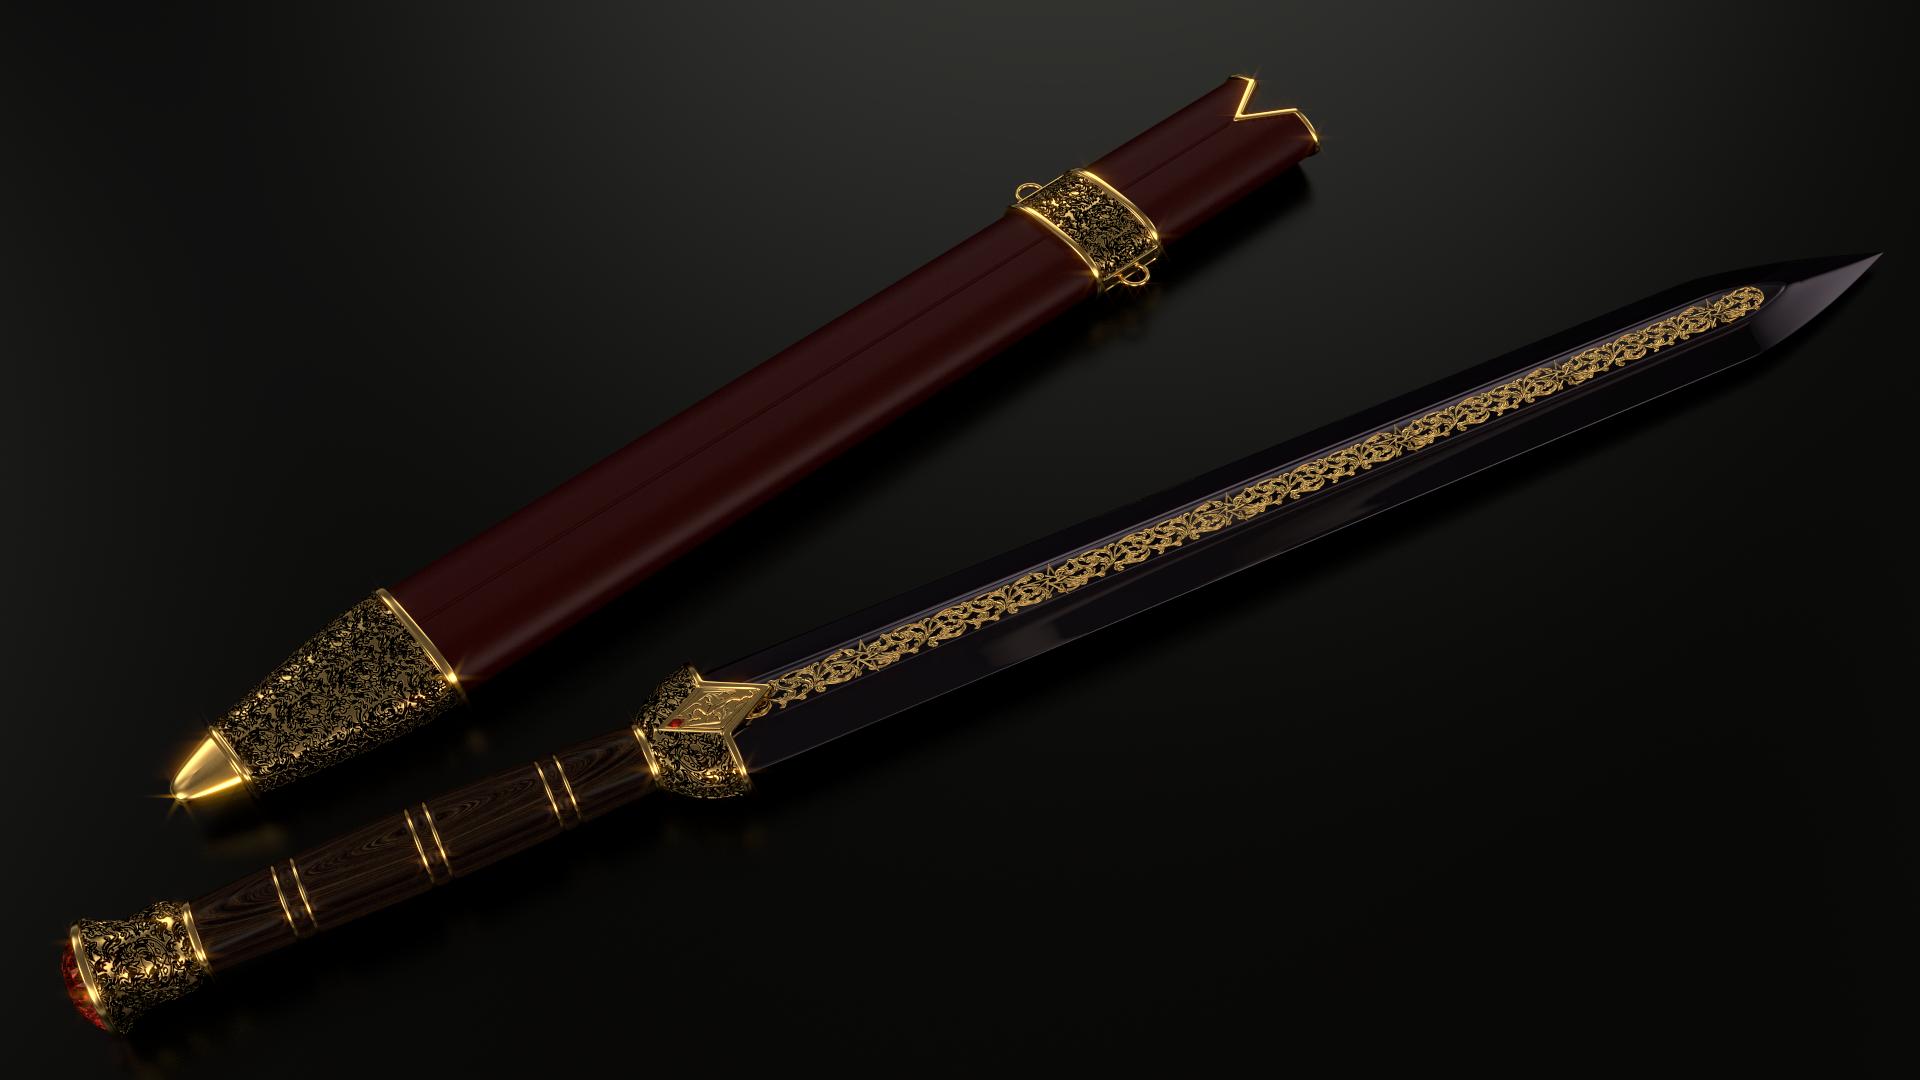 Imperial sword (Ebony version) by Etrelley